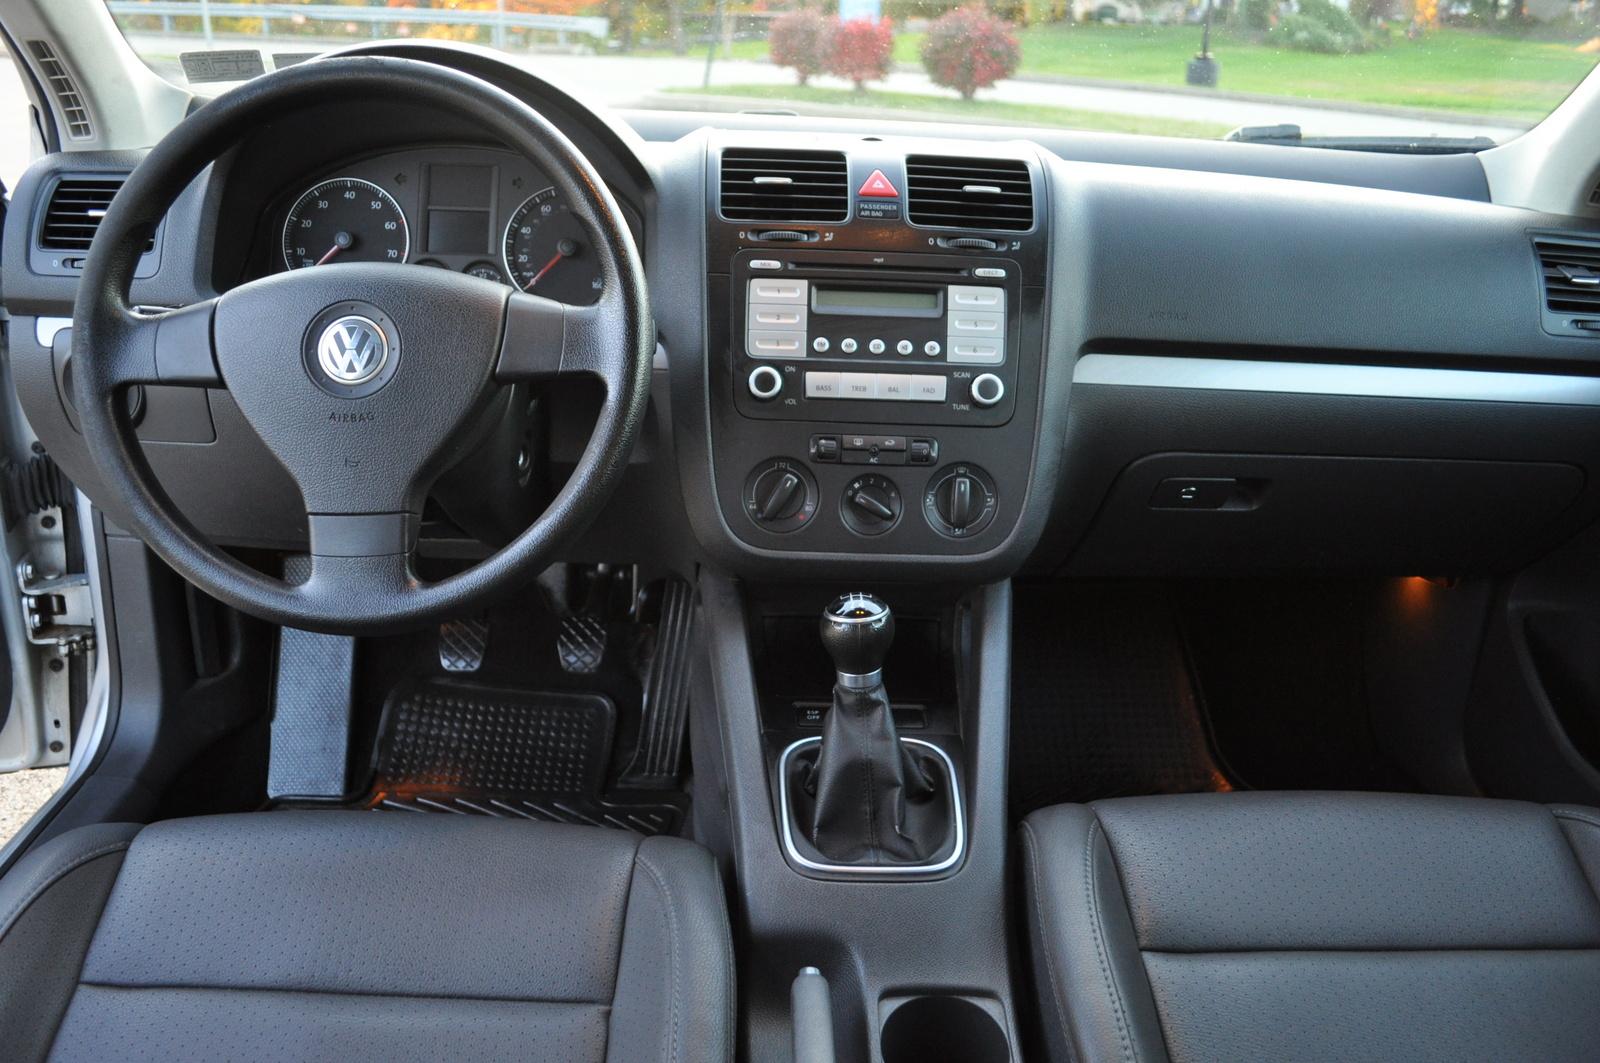 jetta 2007 volkswagen interior wolfsburg edition cargurus cars